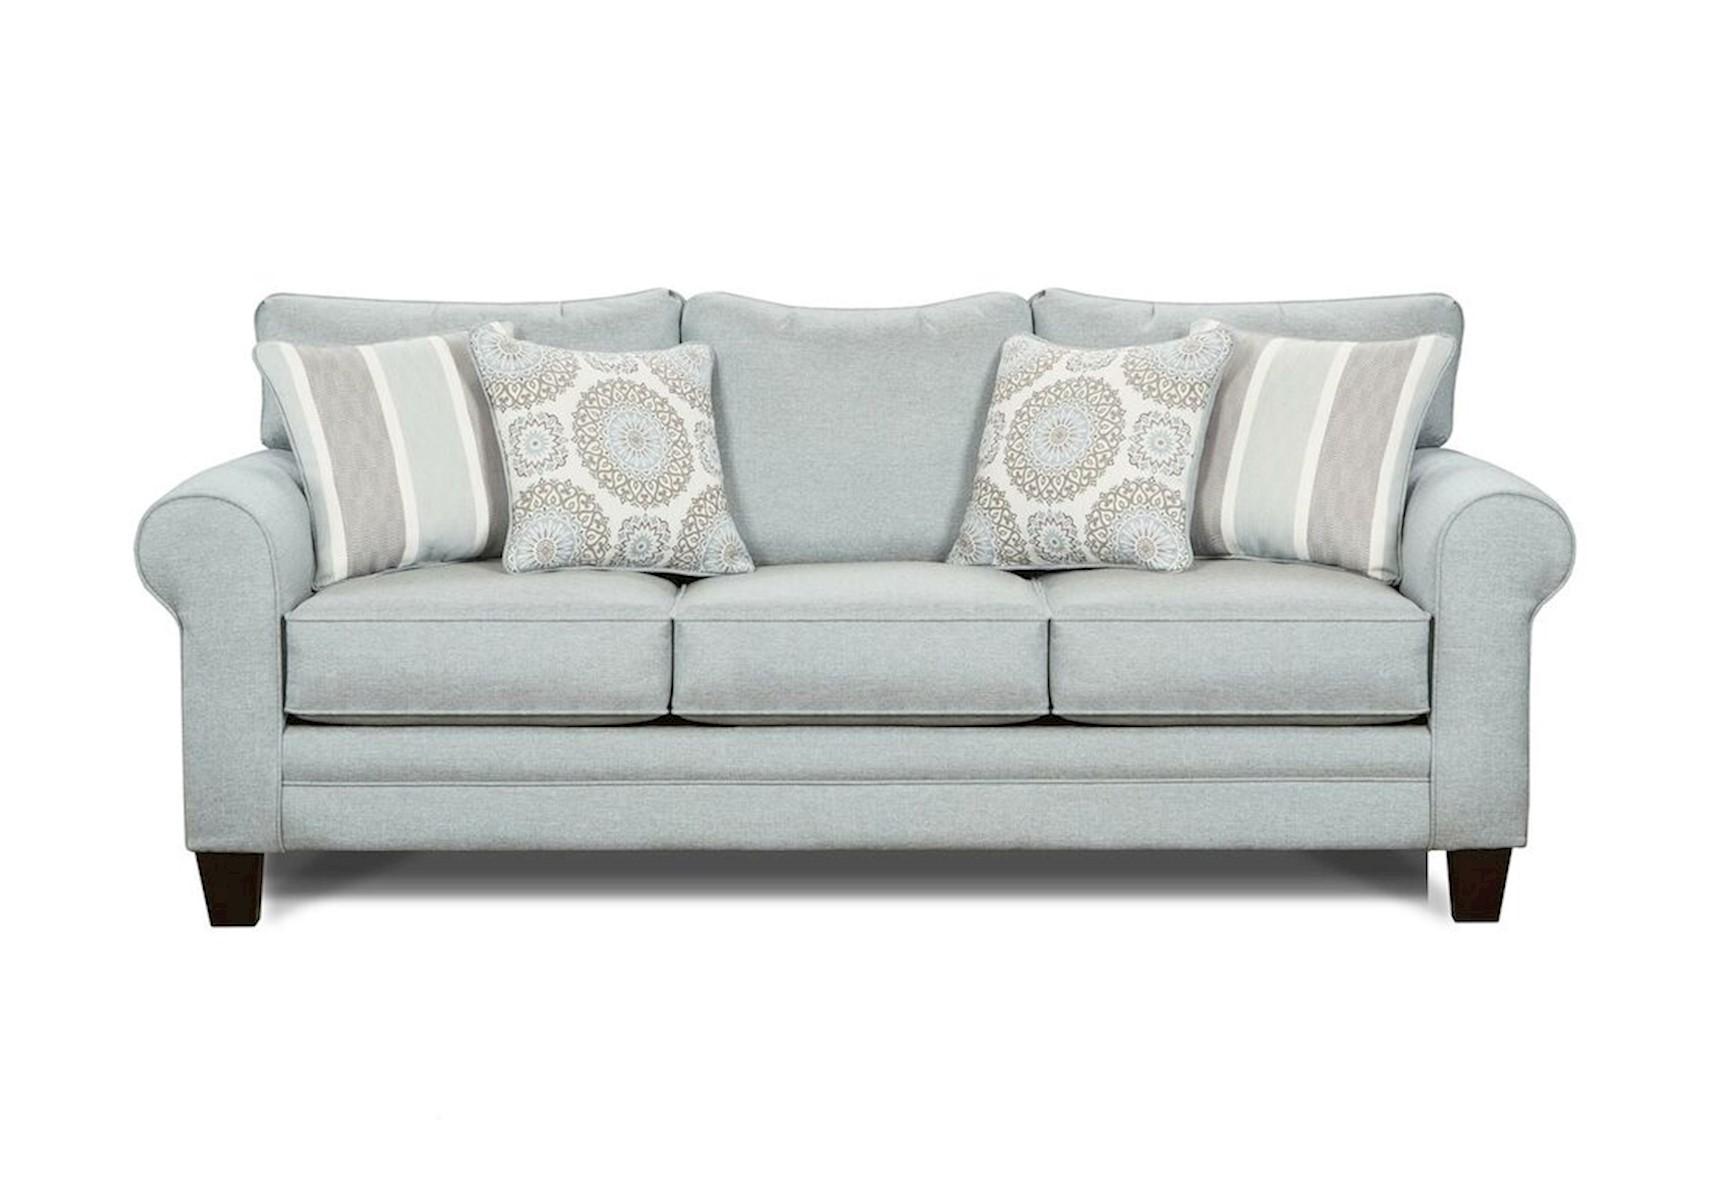 Lacks Sylvia Queen Sleeper Sofa